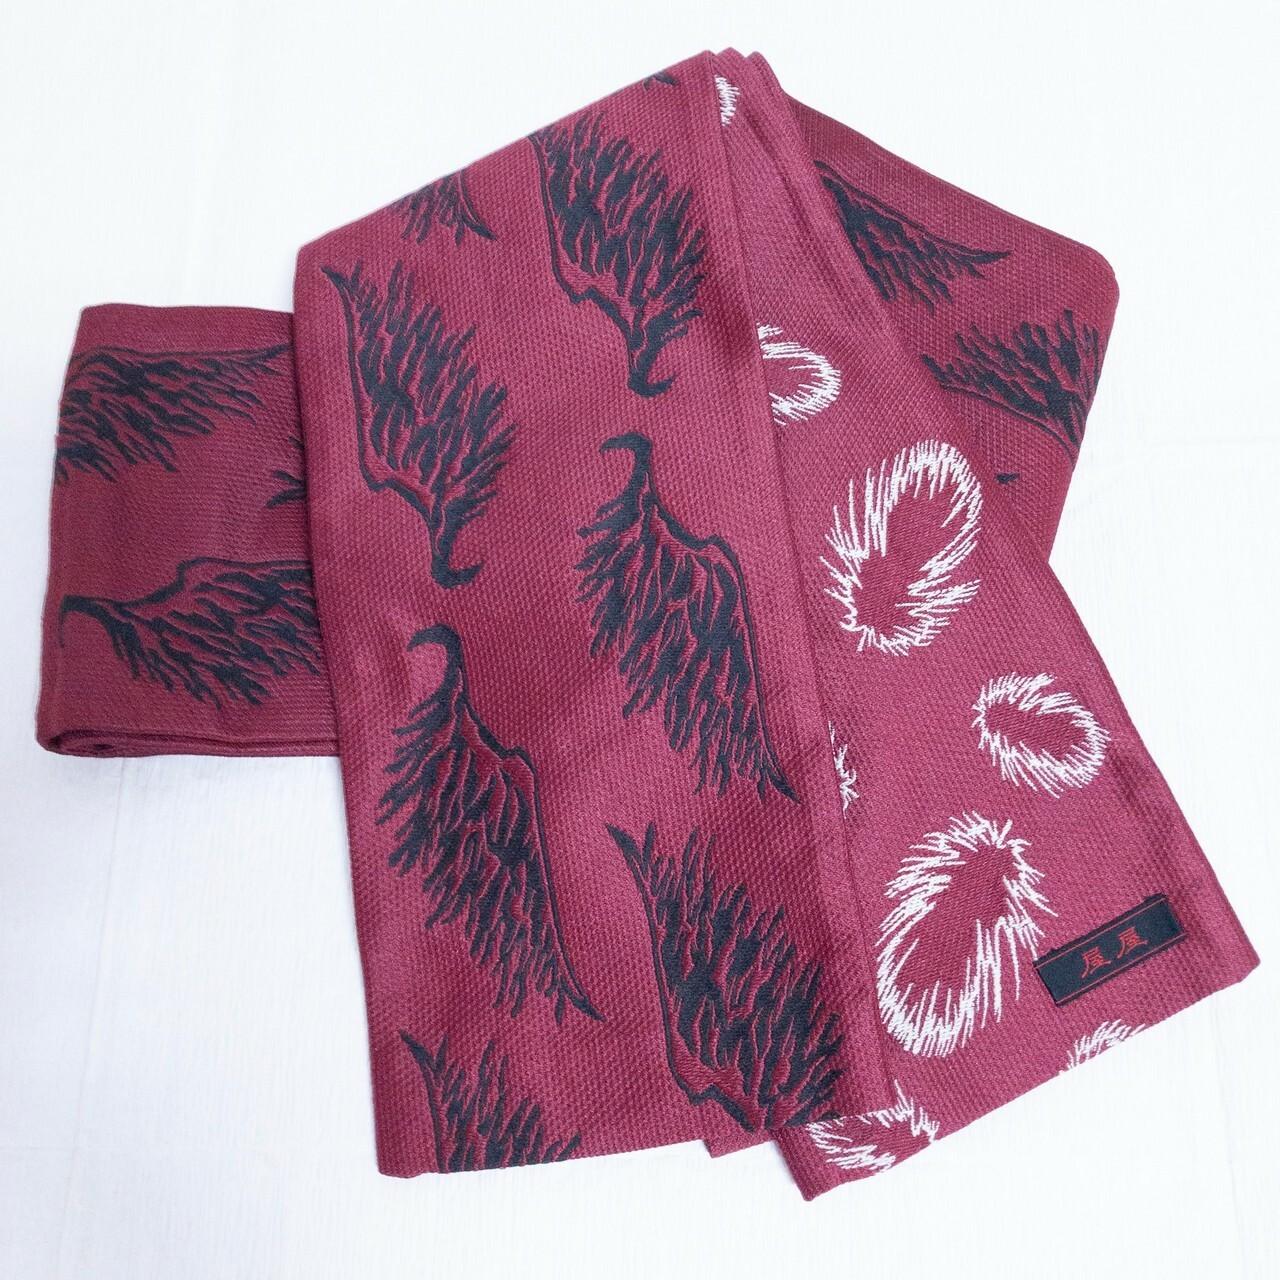 リバーシブル半幅帯 羽根柄 ロングサイズ 紫みのあるエンジ色